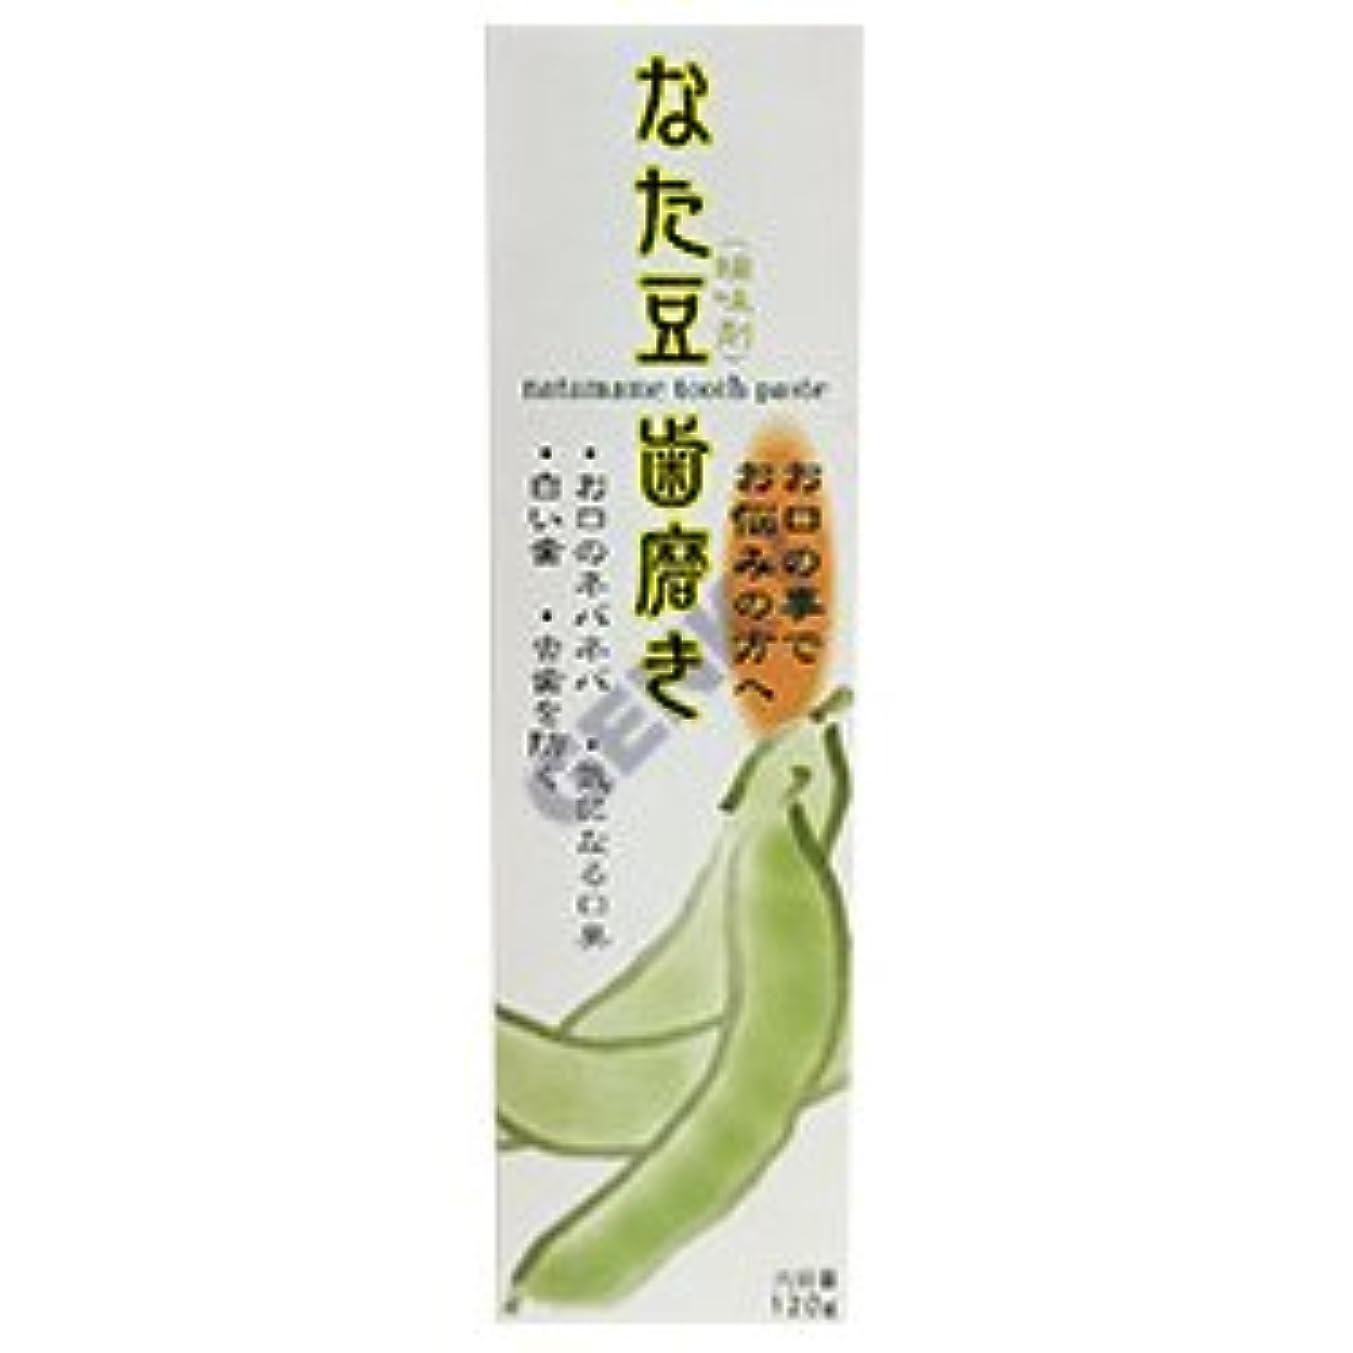 満了集中的な特許【モルゲンロート】なた豆歯磨き 120g ×20個セット